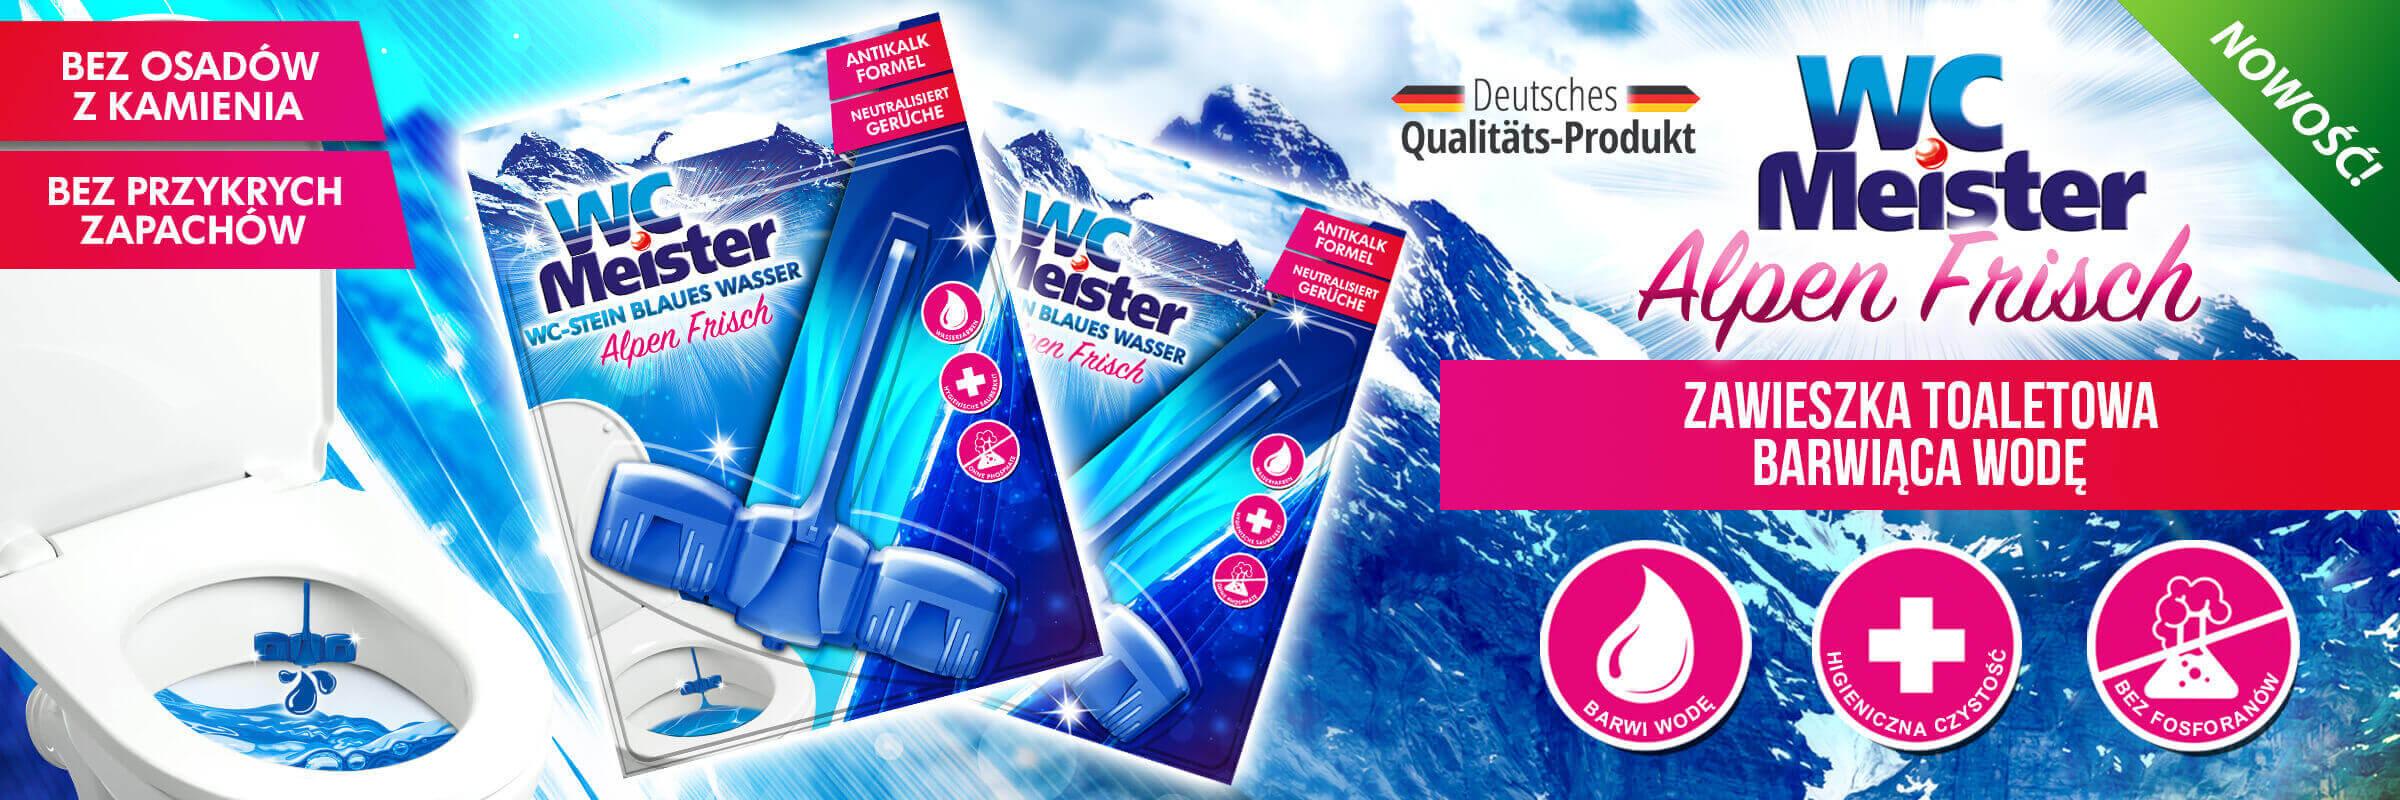 Zawieszka do toalety barwiąca wodę na niebiesko WC Meister Alpen Frisch